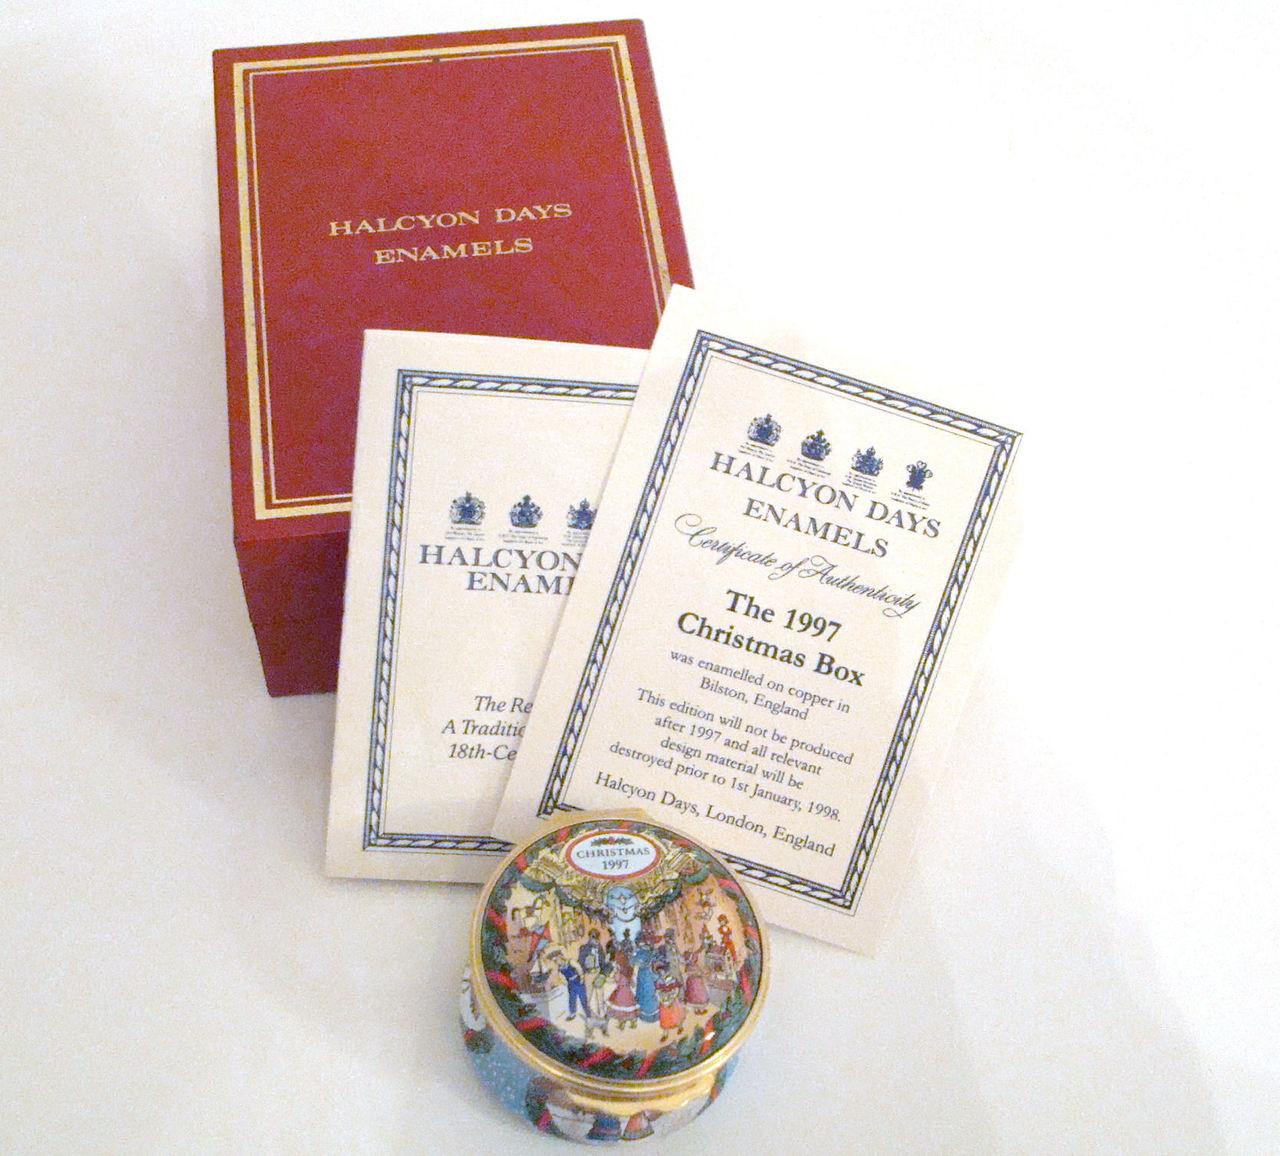 Halcyon Days 1997 Christmas Box